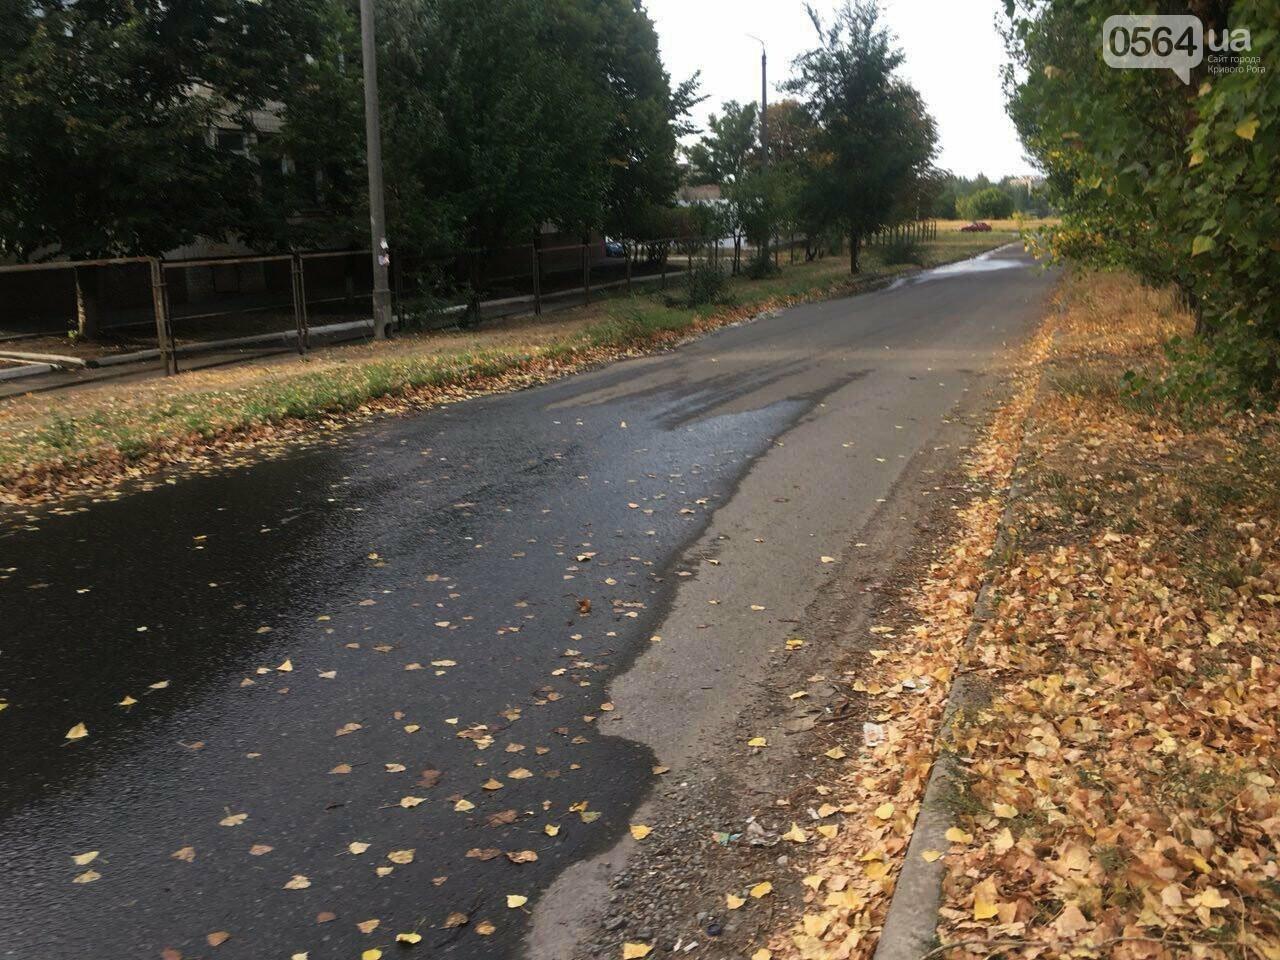 В Кривом Роге несколько дней заливает питьевой водой целый микрорайон, - ФОТО, ВИДЕО , фото-30